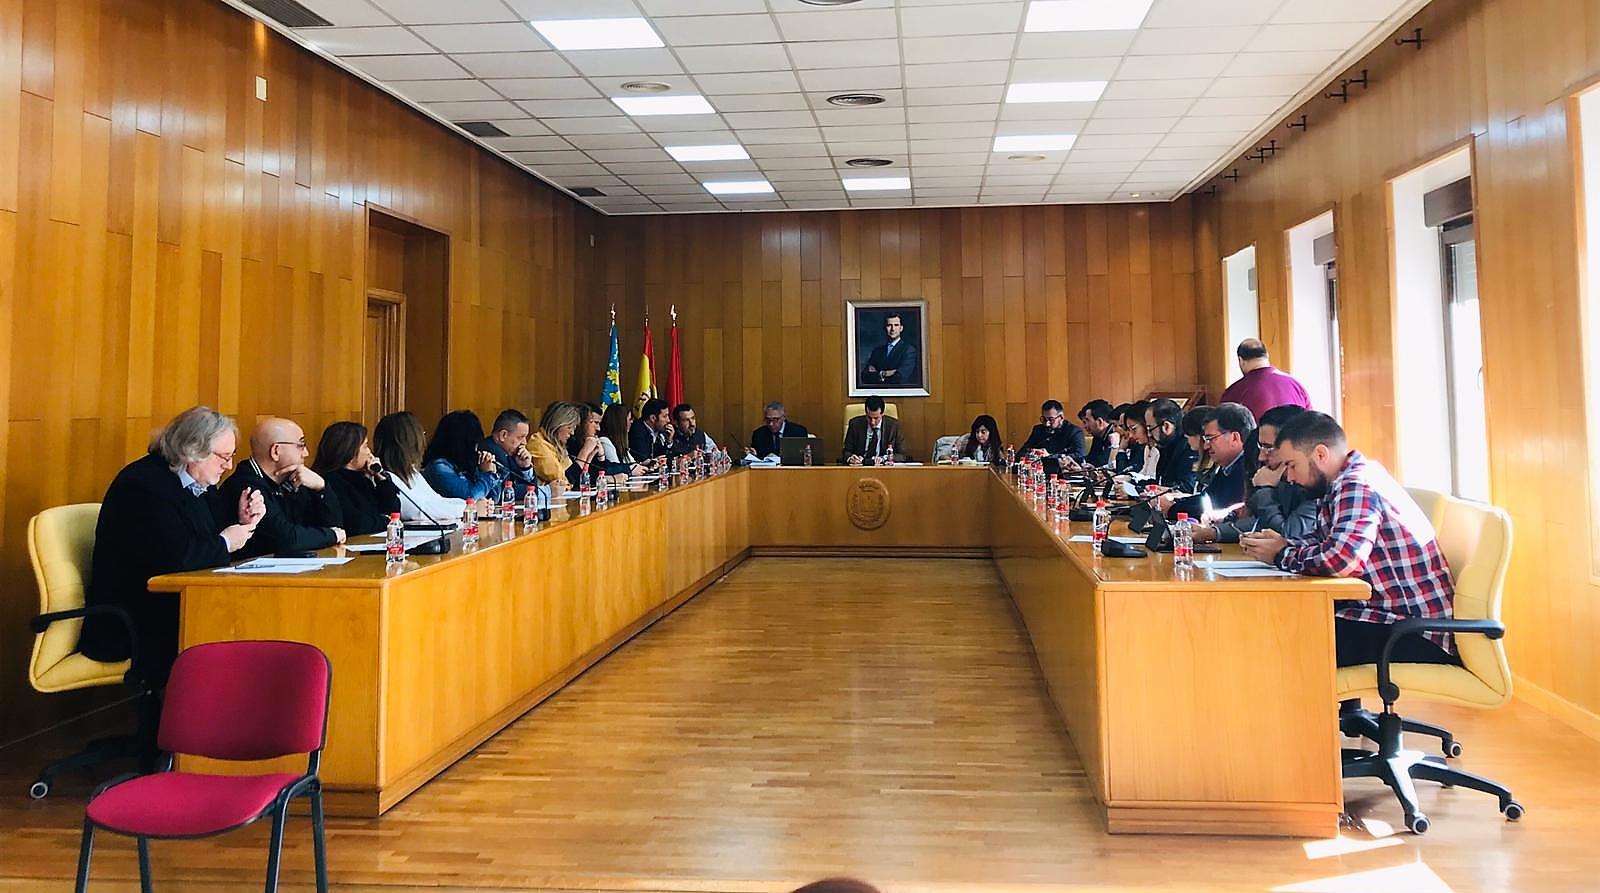 El Ayuntamiento de Elda elimina las botellas de plástico en los plenos municipales